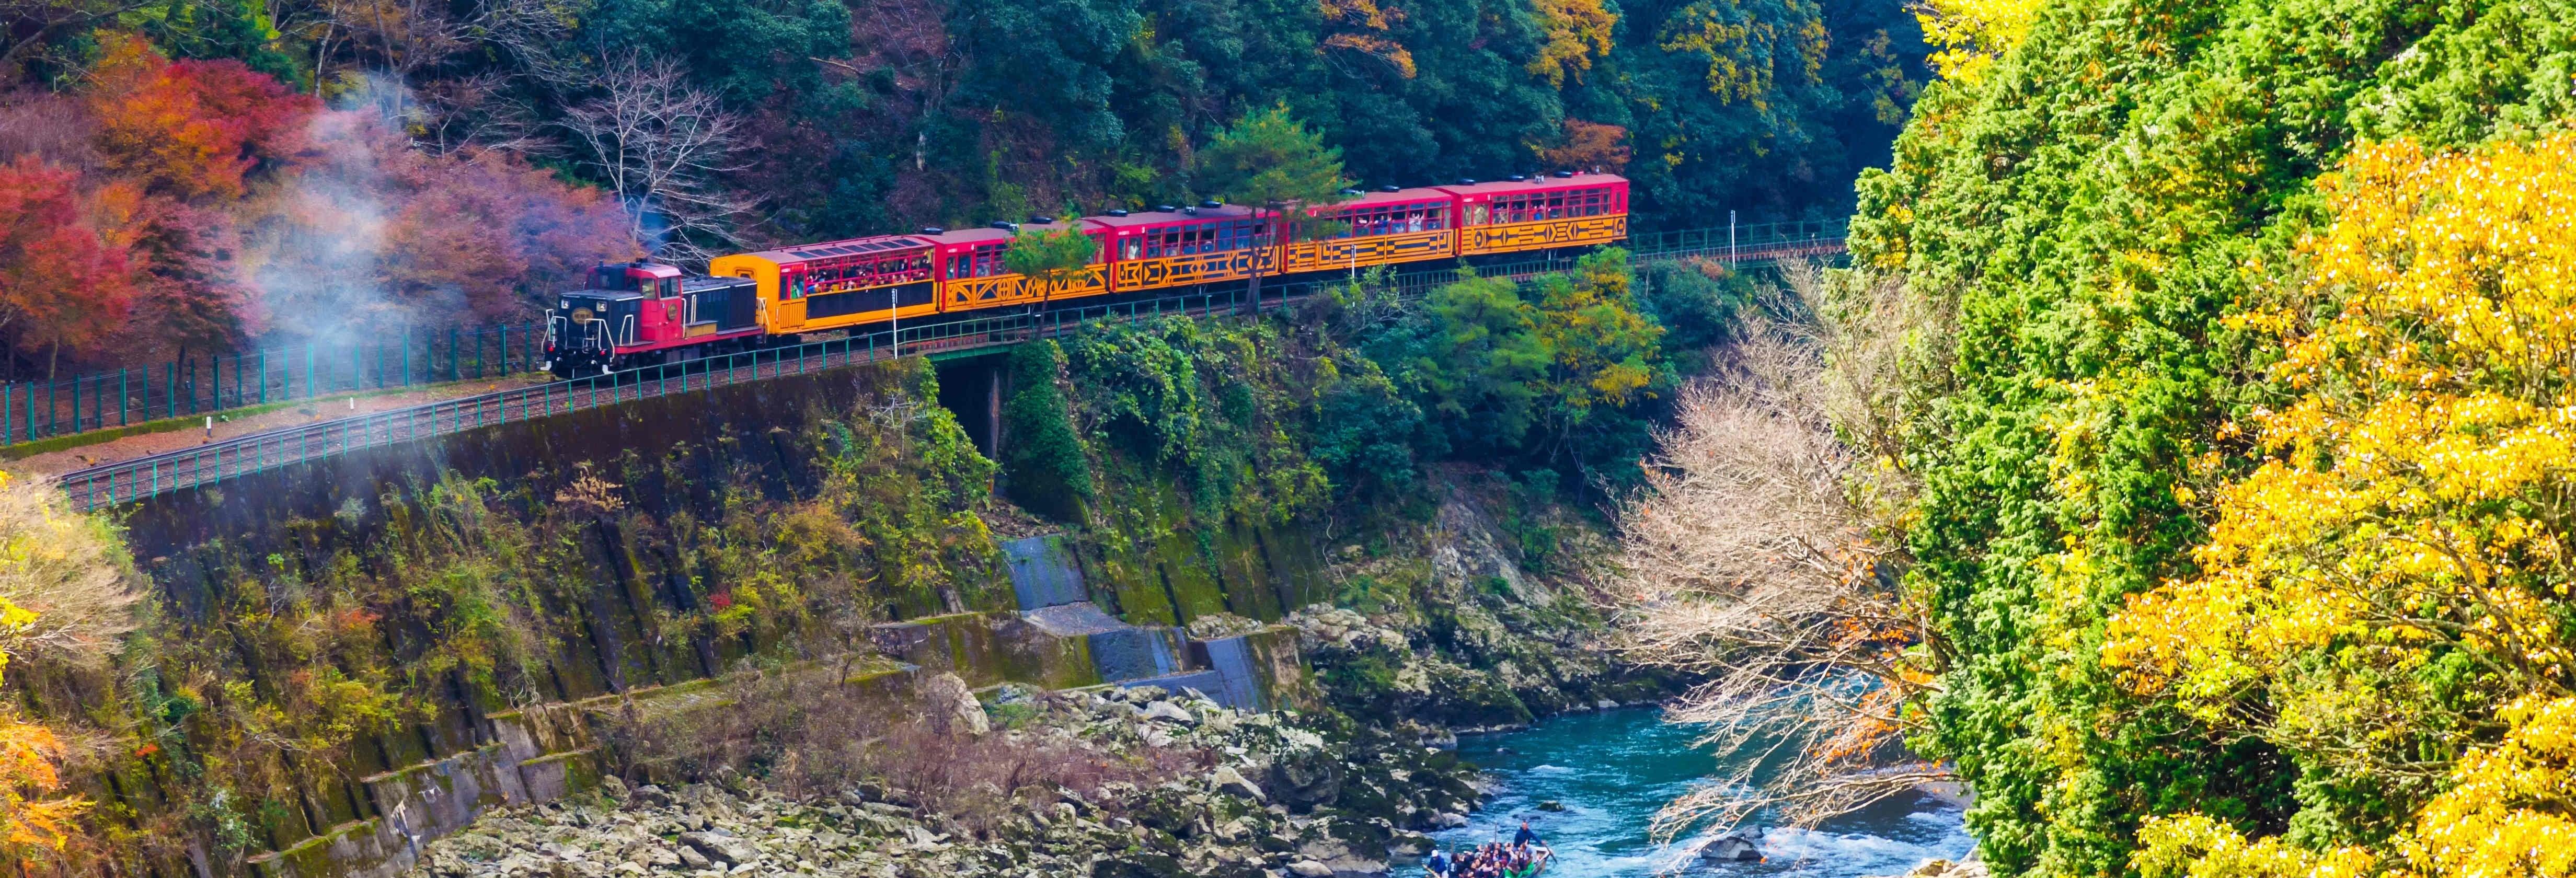 Excursión a Kioto + Tren Sagano